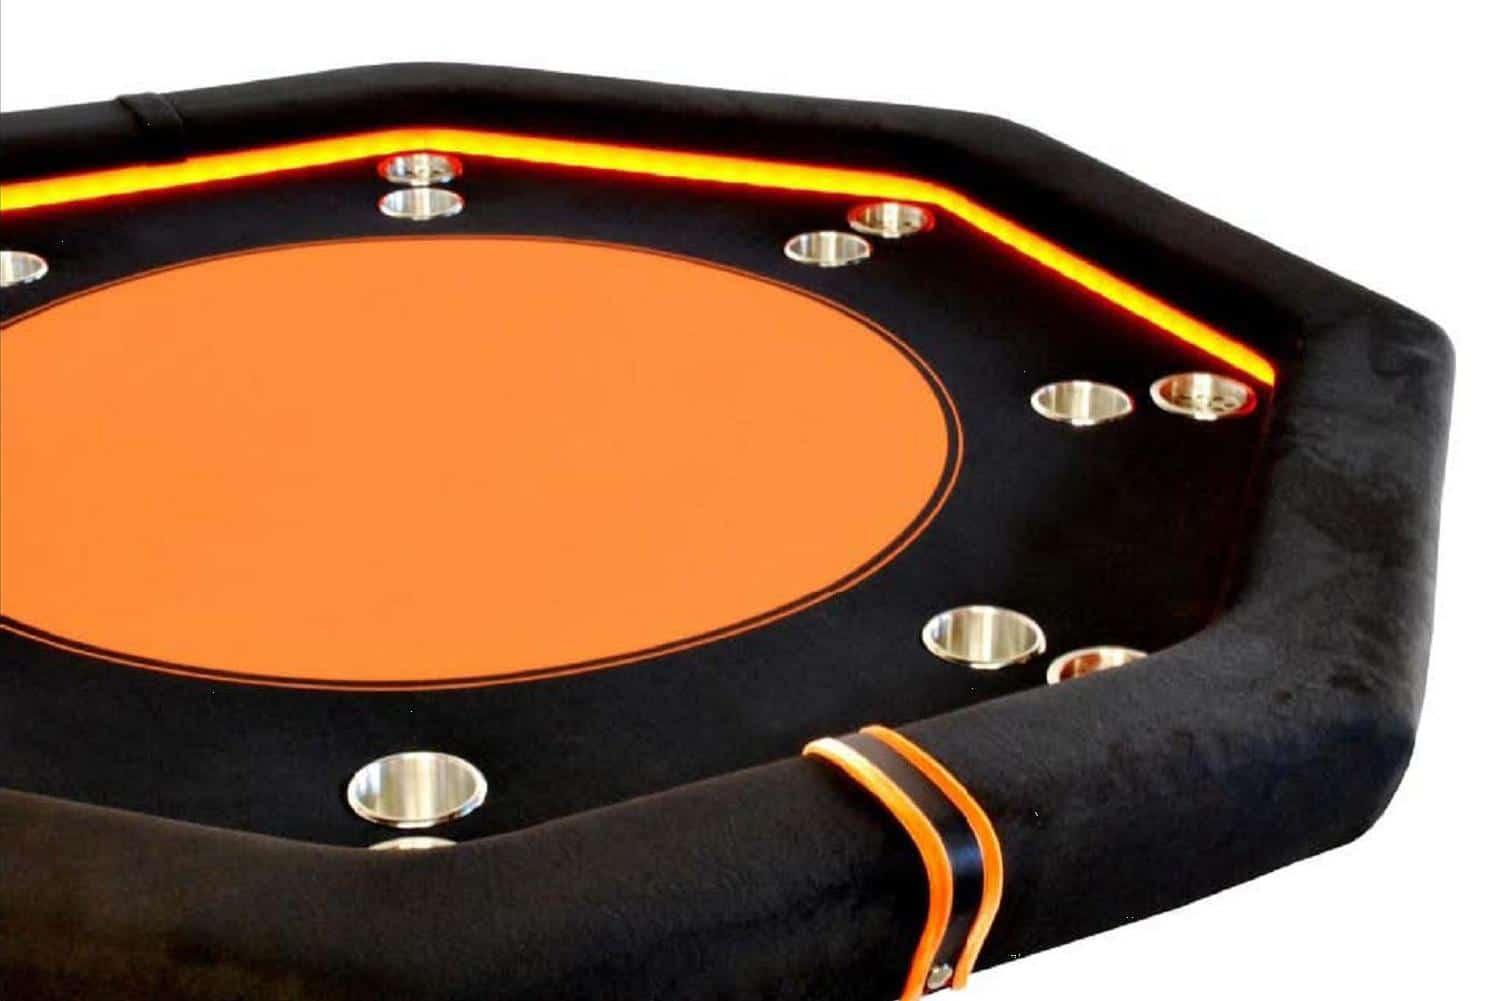 Des tips passionnants à trouver ici : casinoenlignegratuit.pro